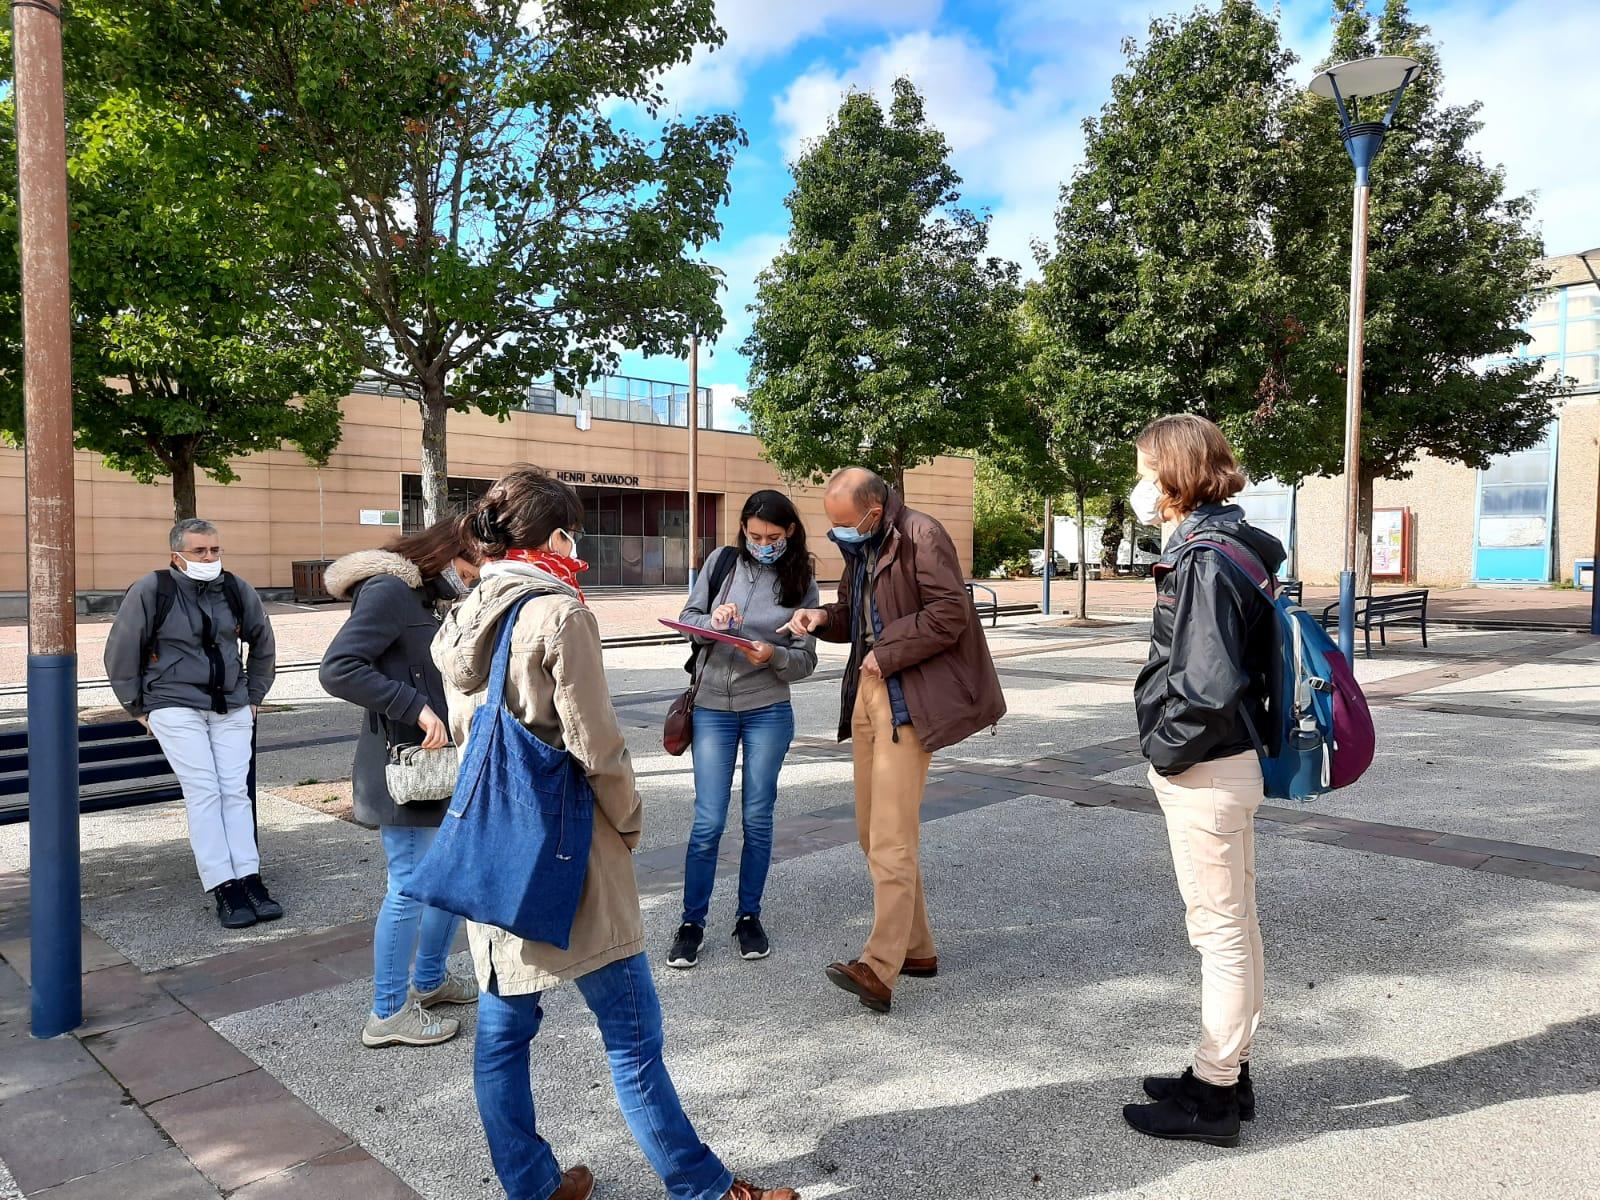 Les cités-jardins en automne / Visite des cités-jardins de Dugny